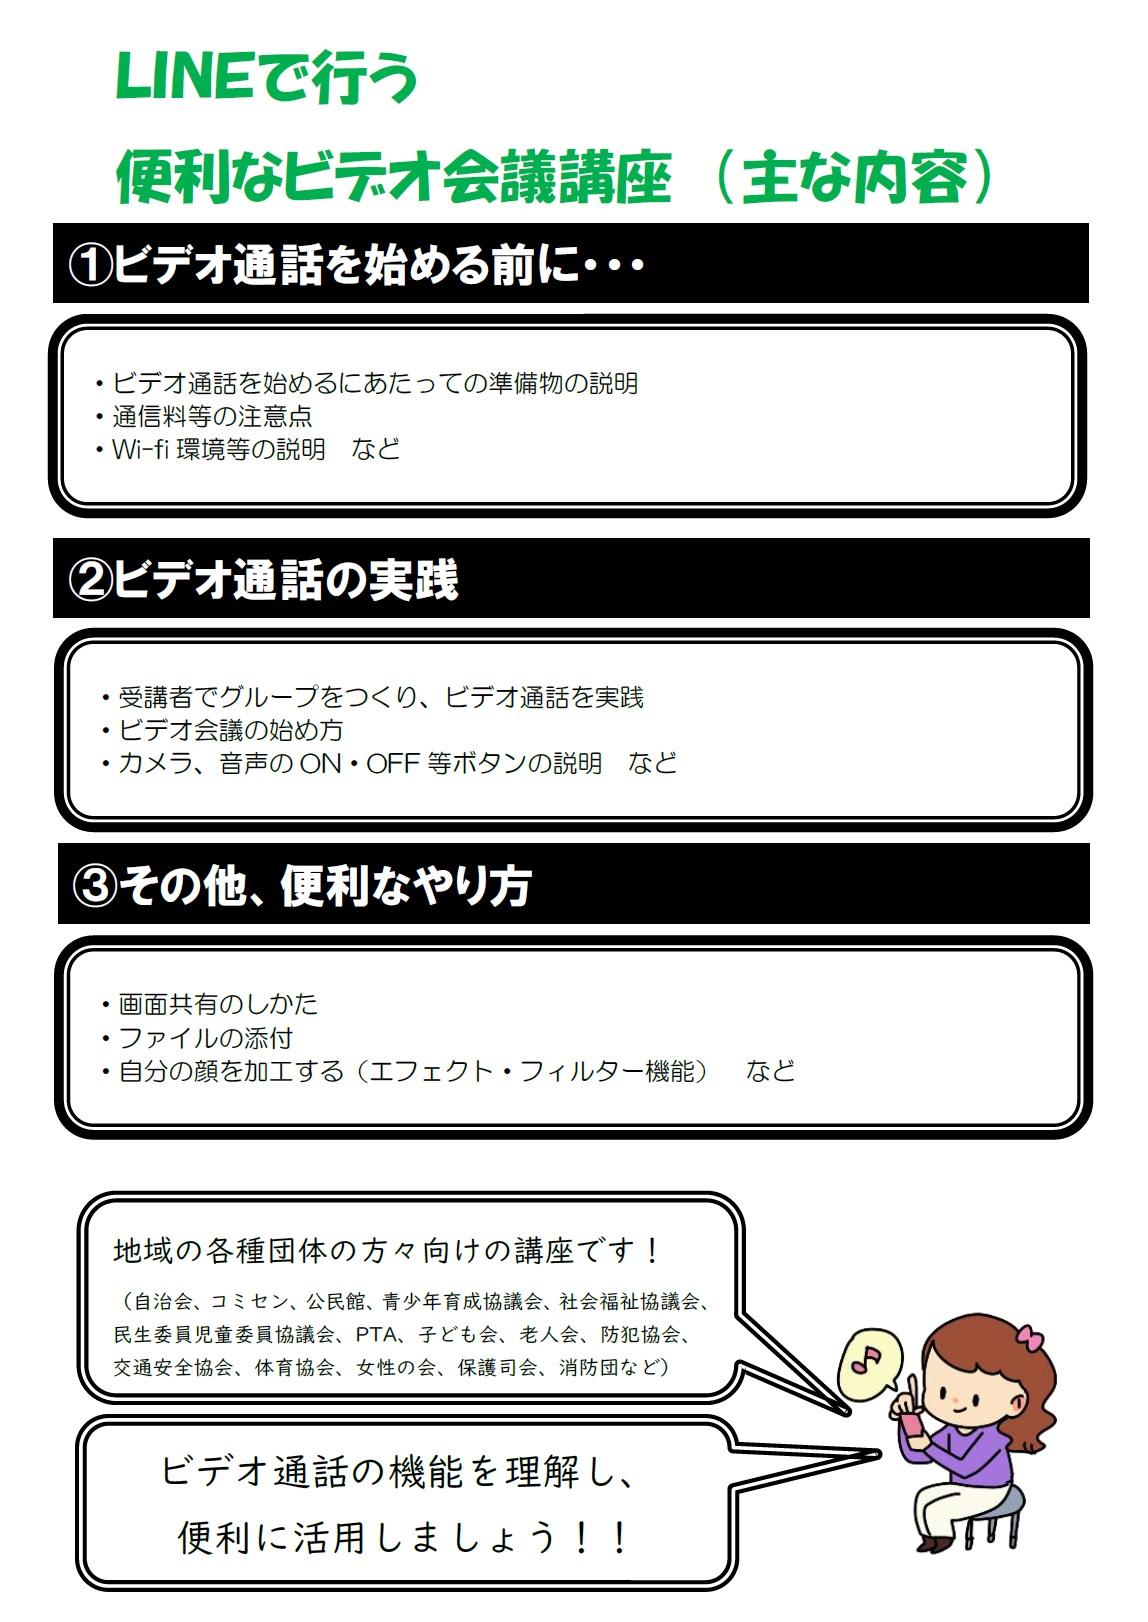 LINE講座(裏)